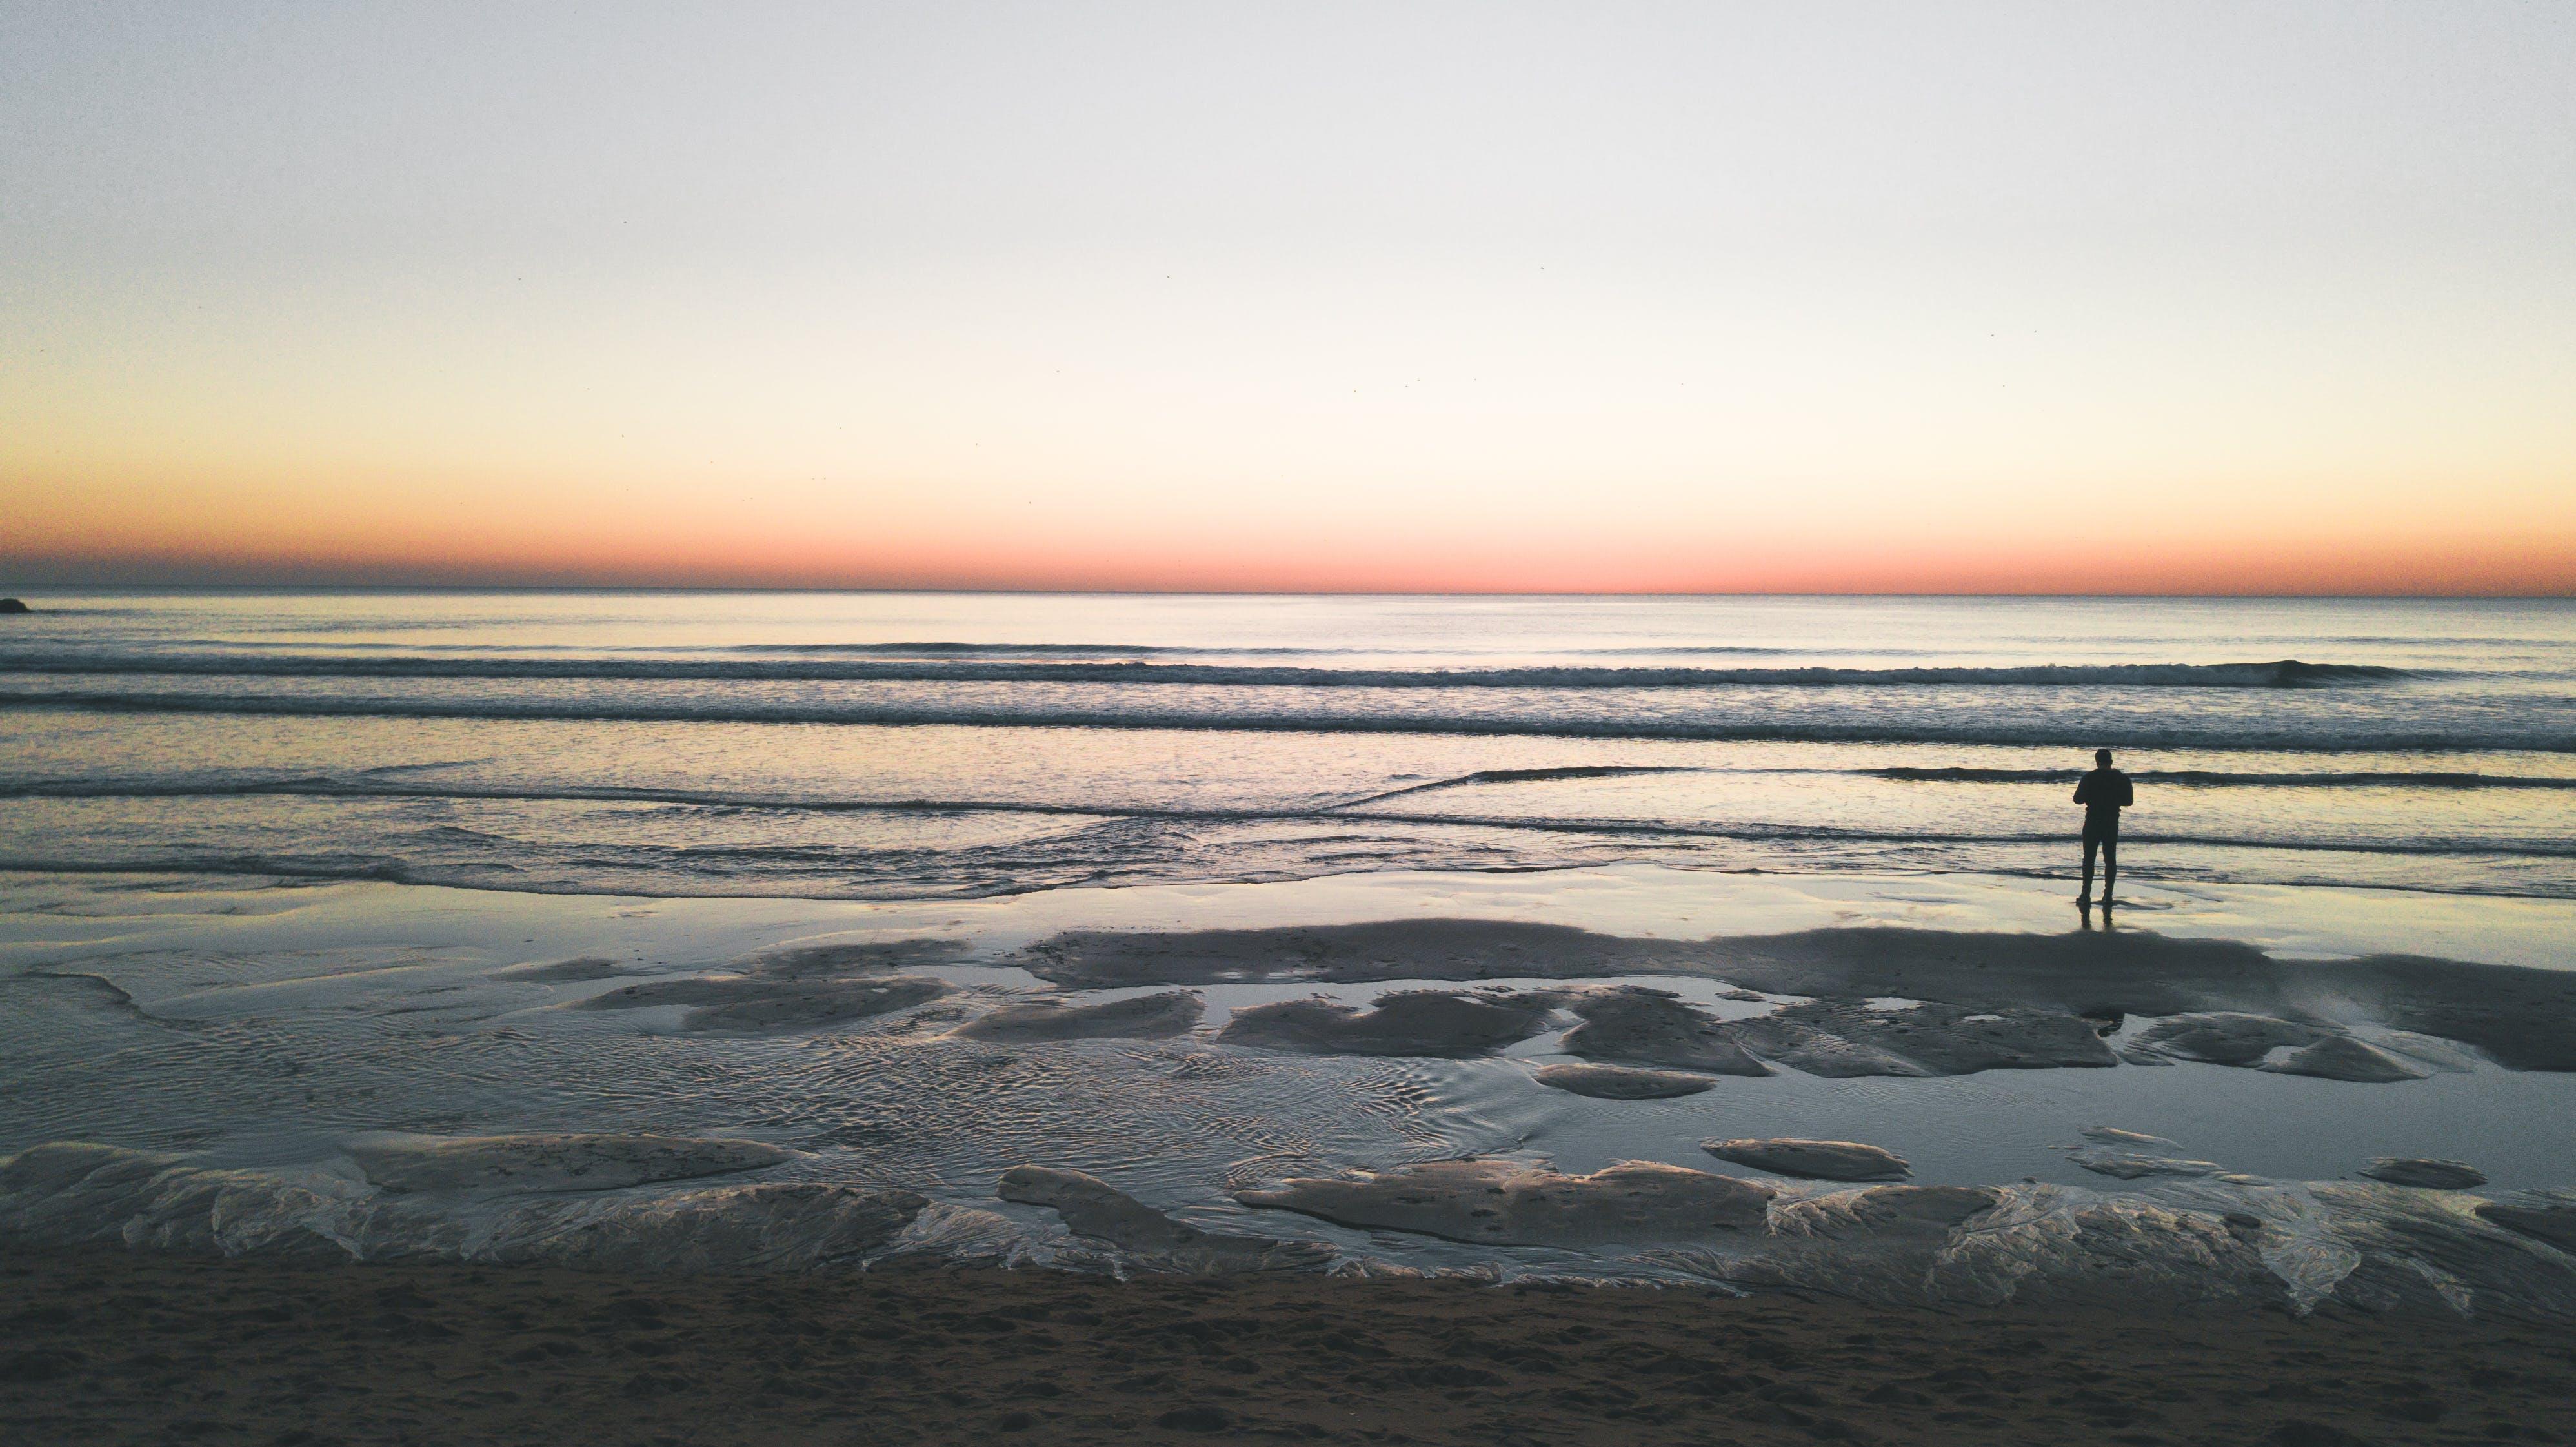 Δωρεάν στοκ φωτογραφιών με costa de caparica, ακτή, άμμος, Ανατολή ηλίου